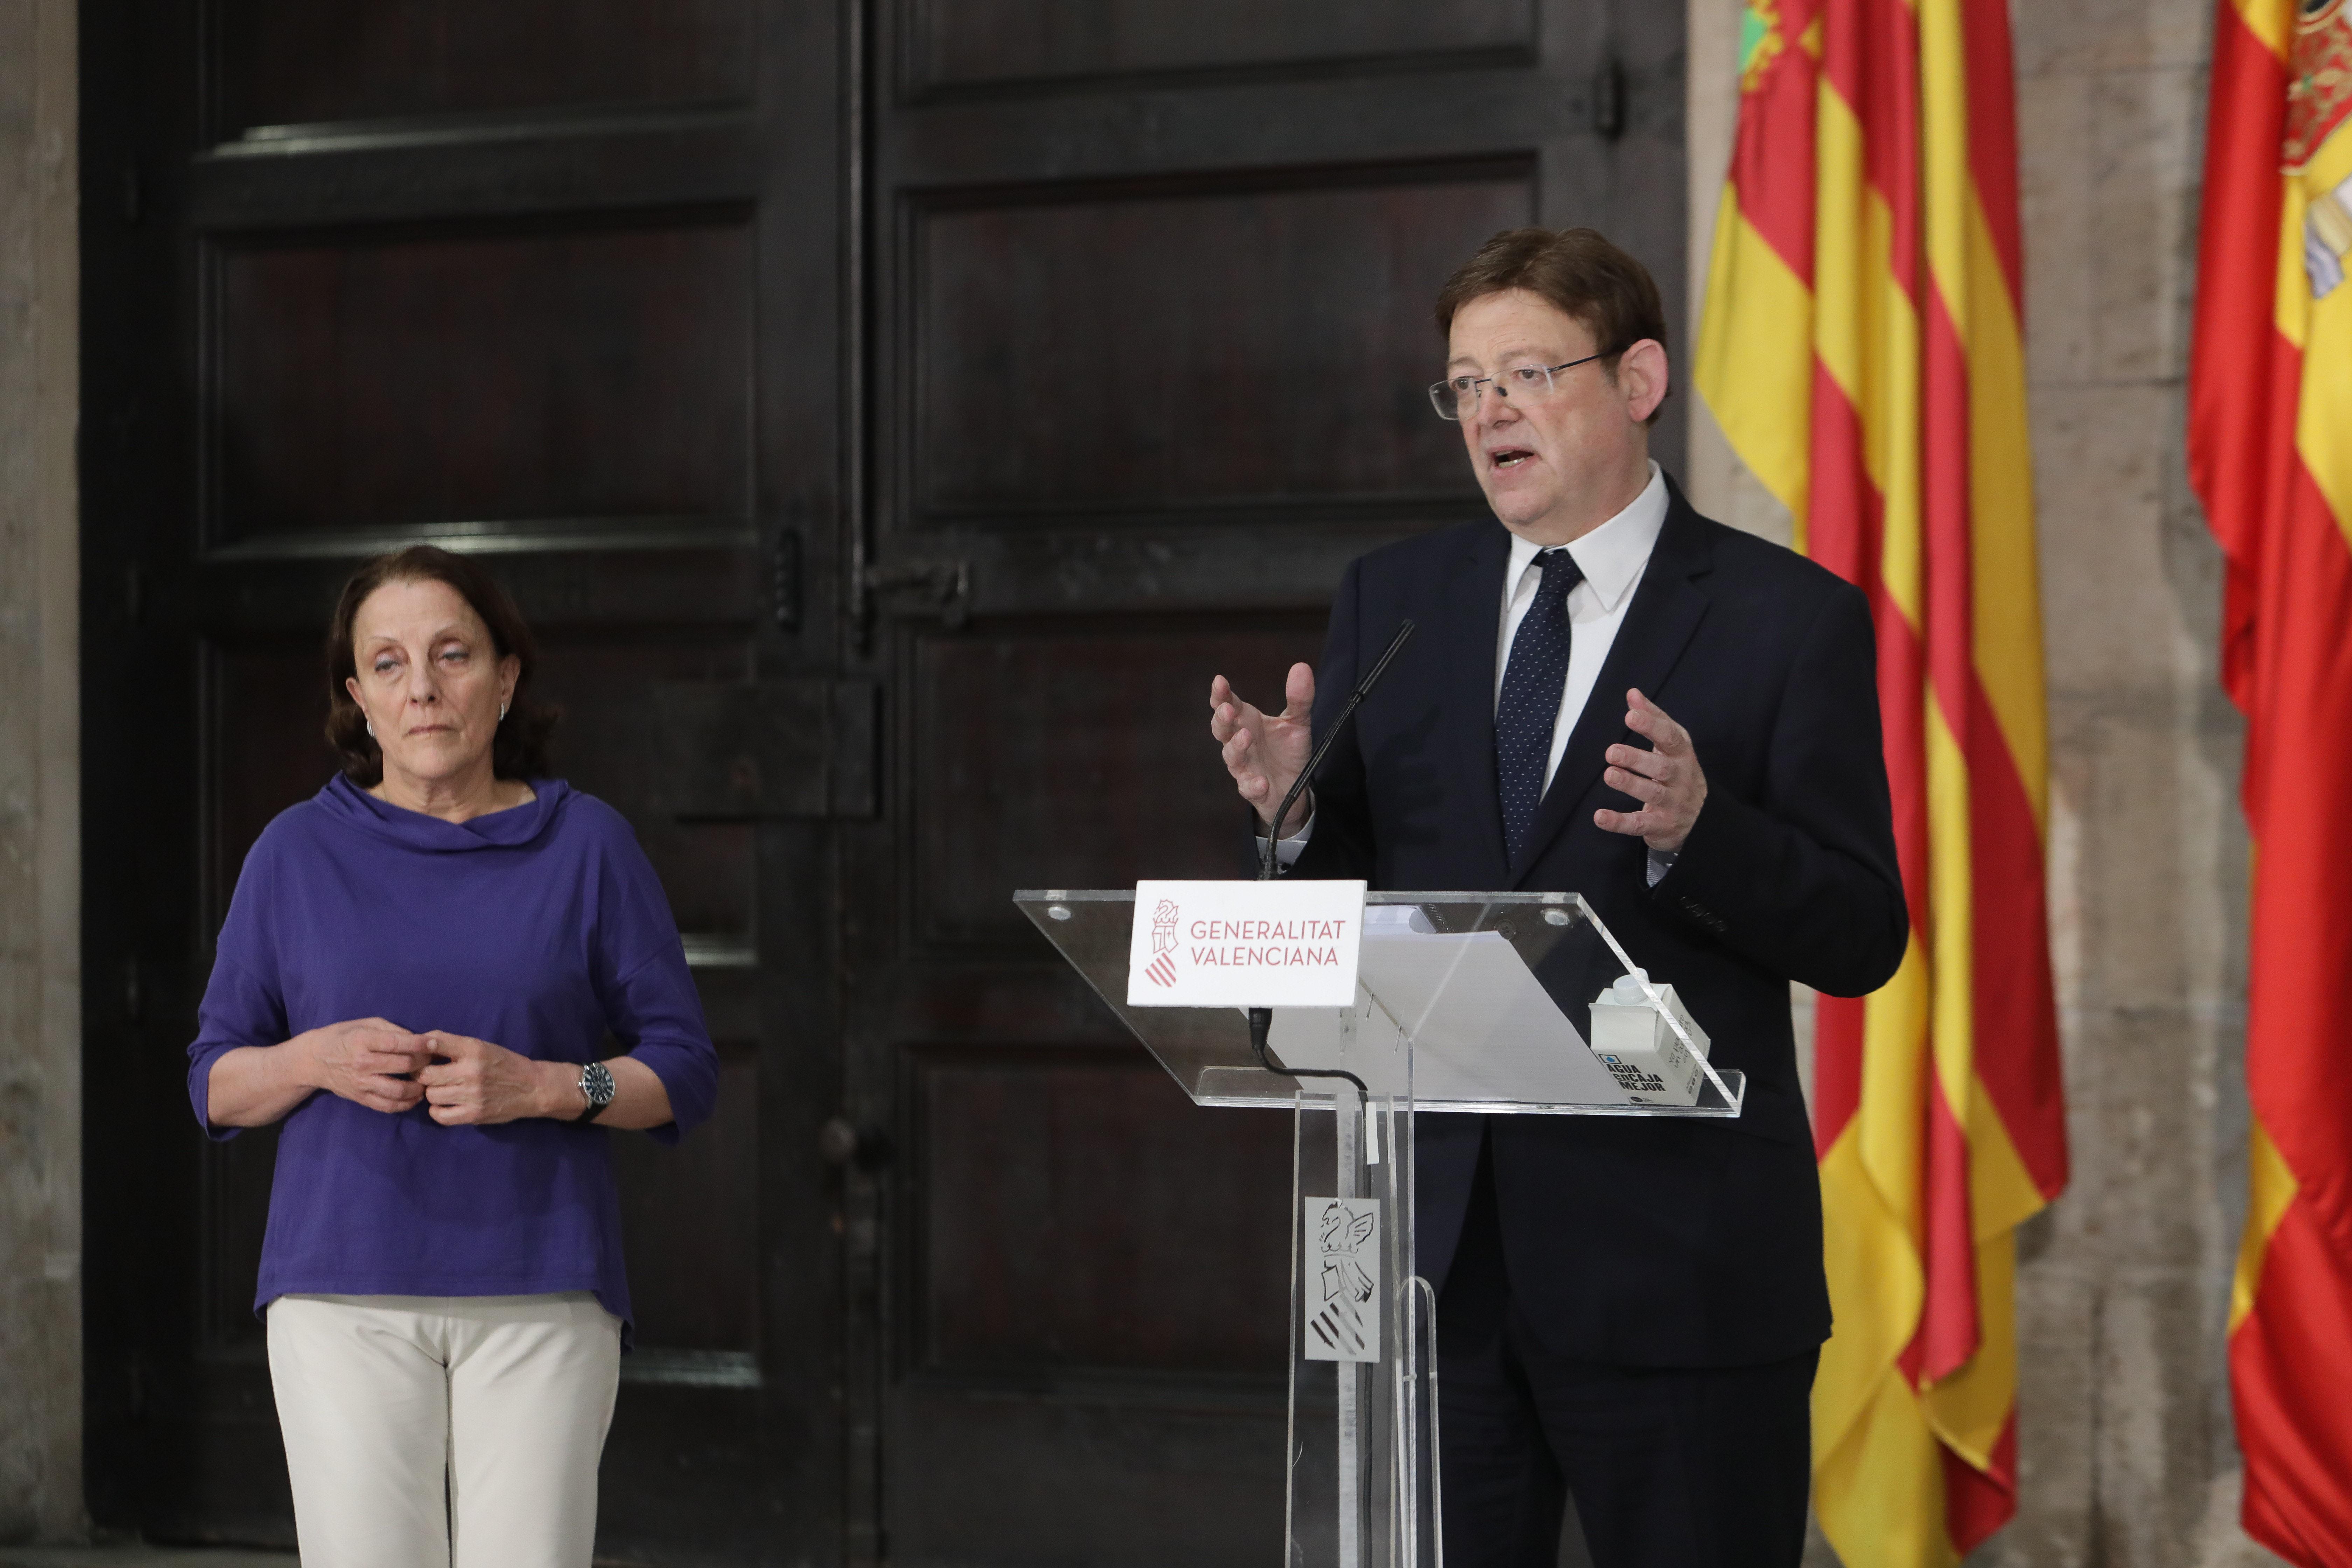 """Ximo Puig pide """"transparencia, reciprocidad y reglas objetivas"""" para mejorar la cogobernanza entre el Gobierno central y las comunidades autónomas"""